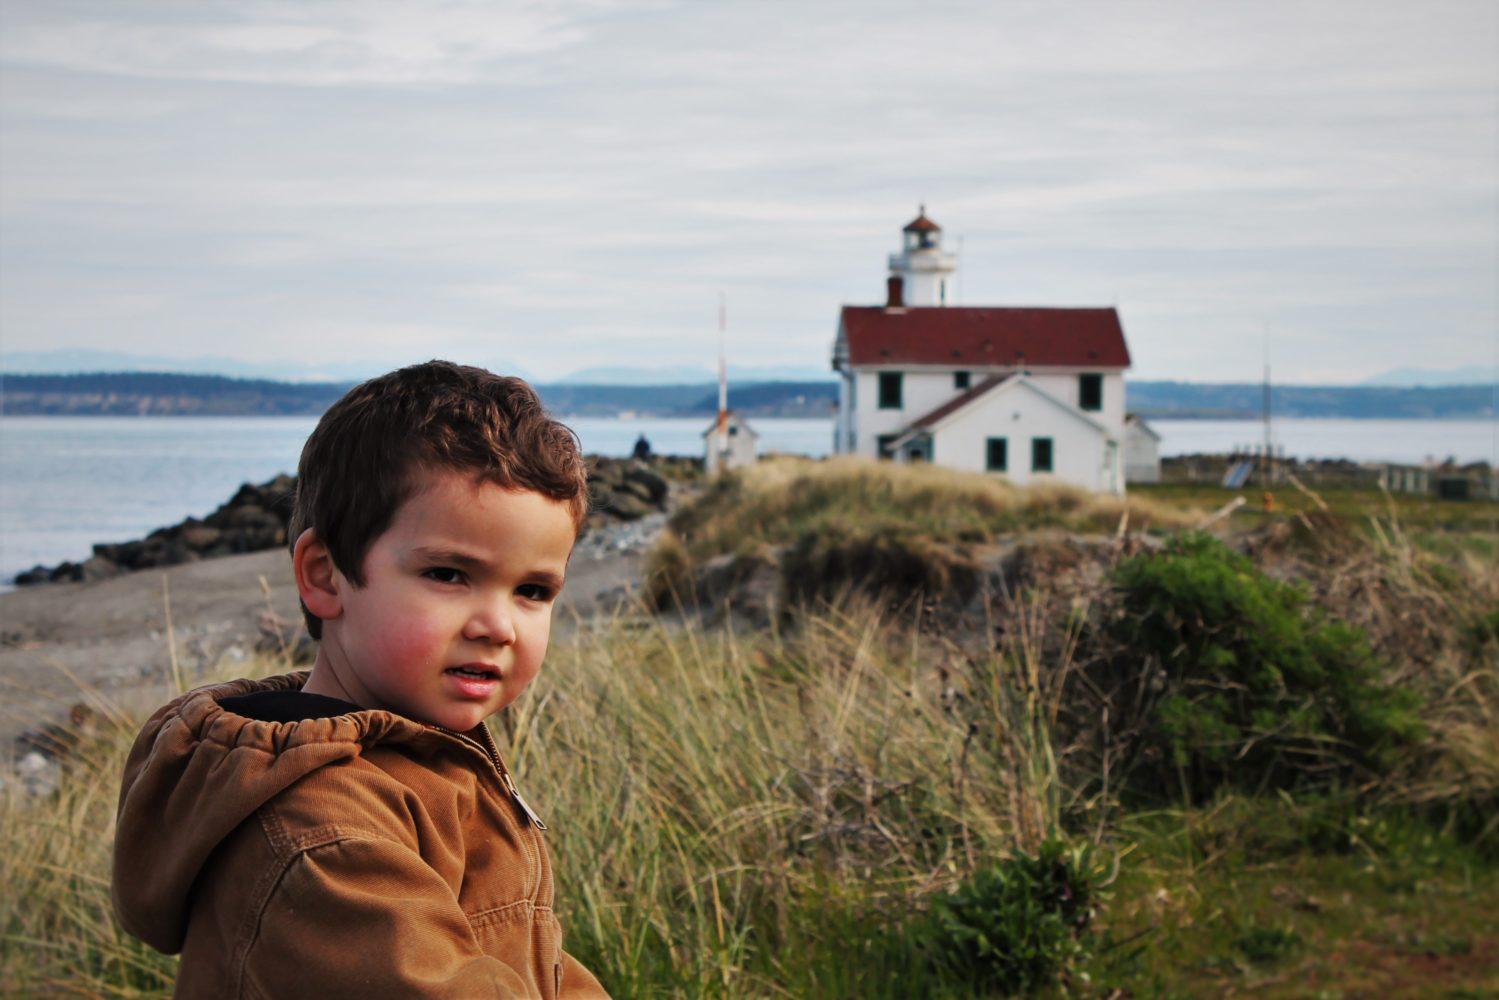 LittleMan-on-dunes-at-Point-Wilson-Lighthouse-Fort-Worden-Port-Townsend-1-e1487673030979.jpg